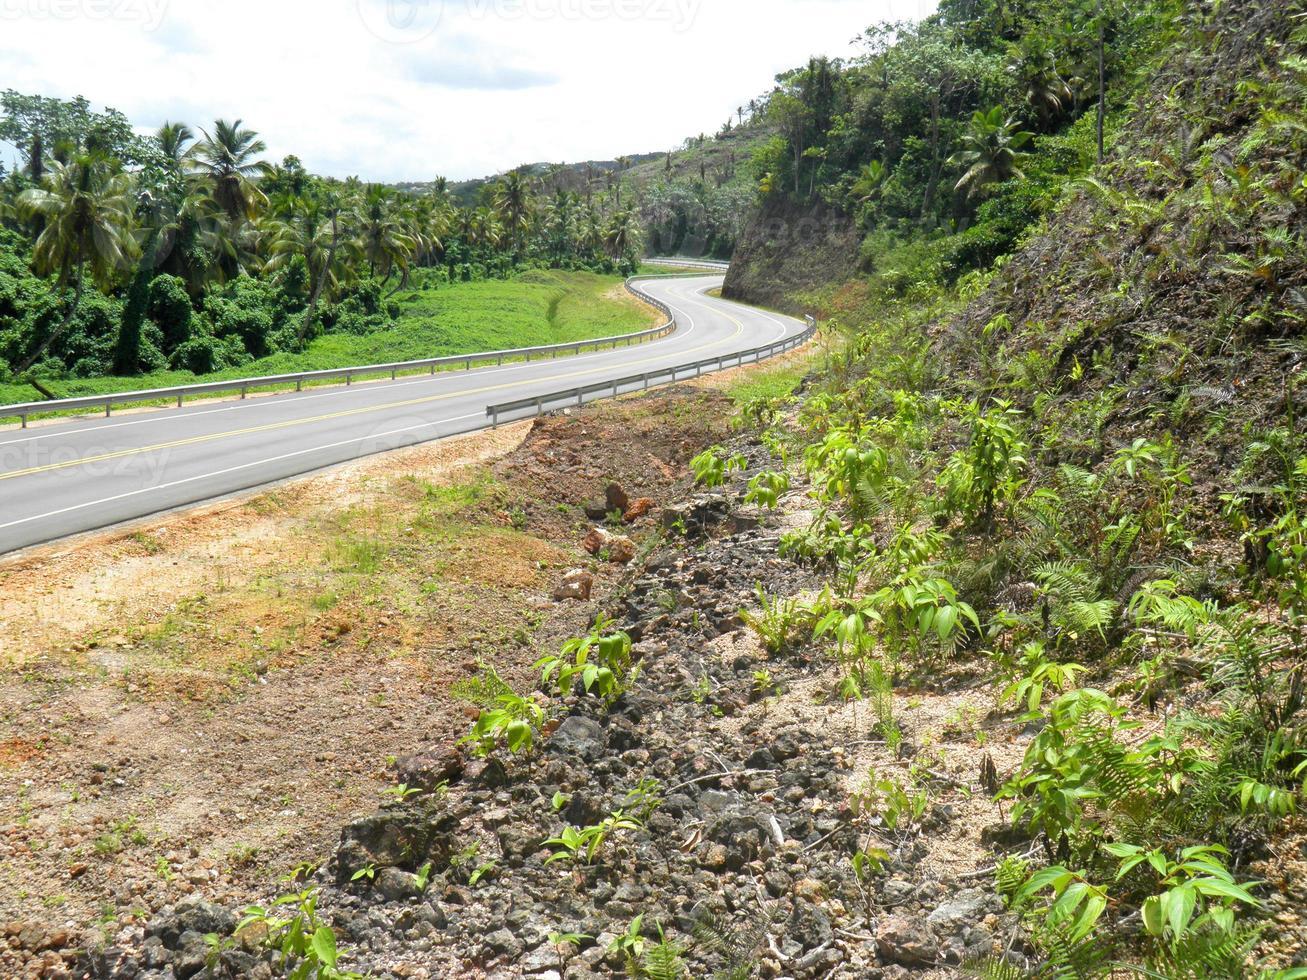 autopista nagua-las terrenas straat foto